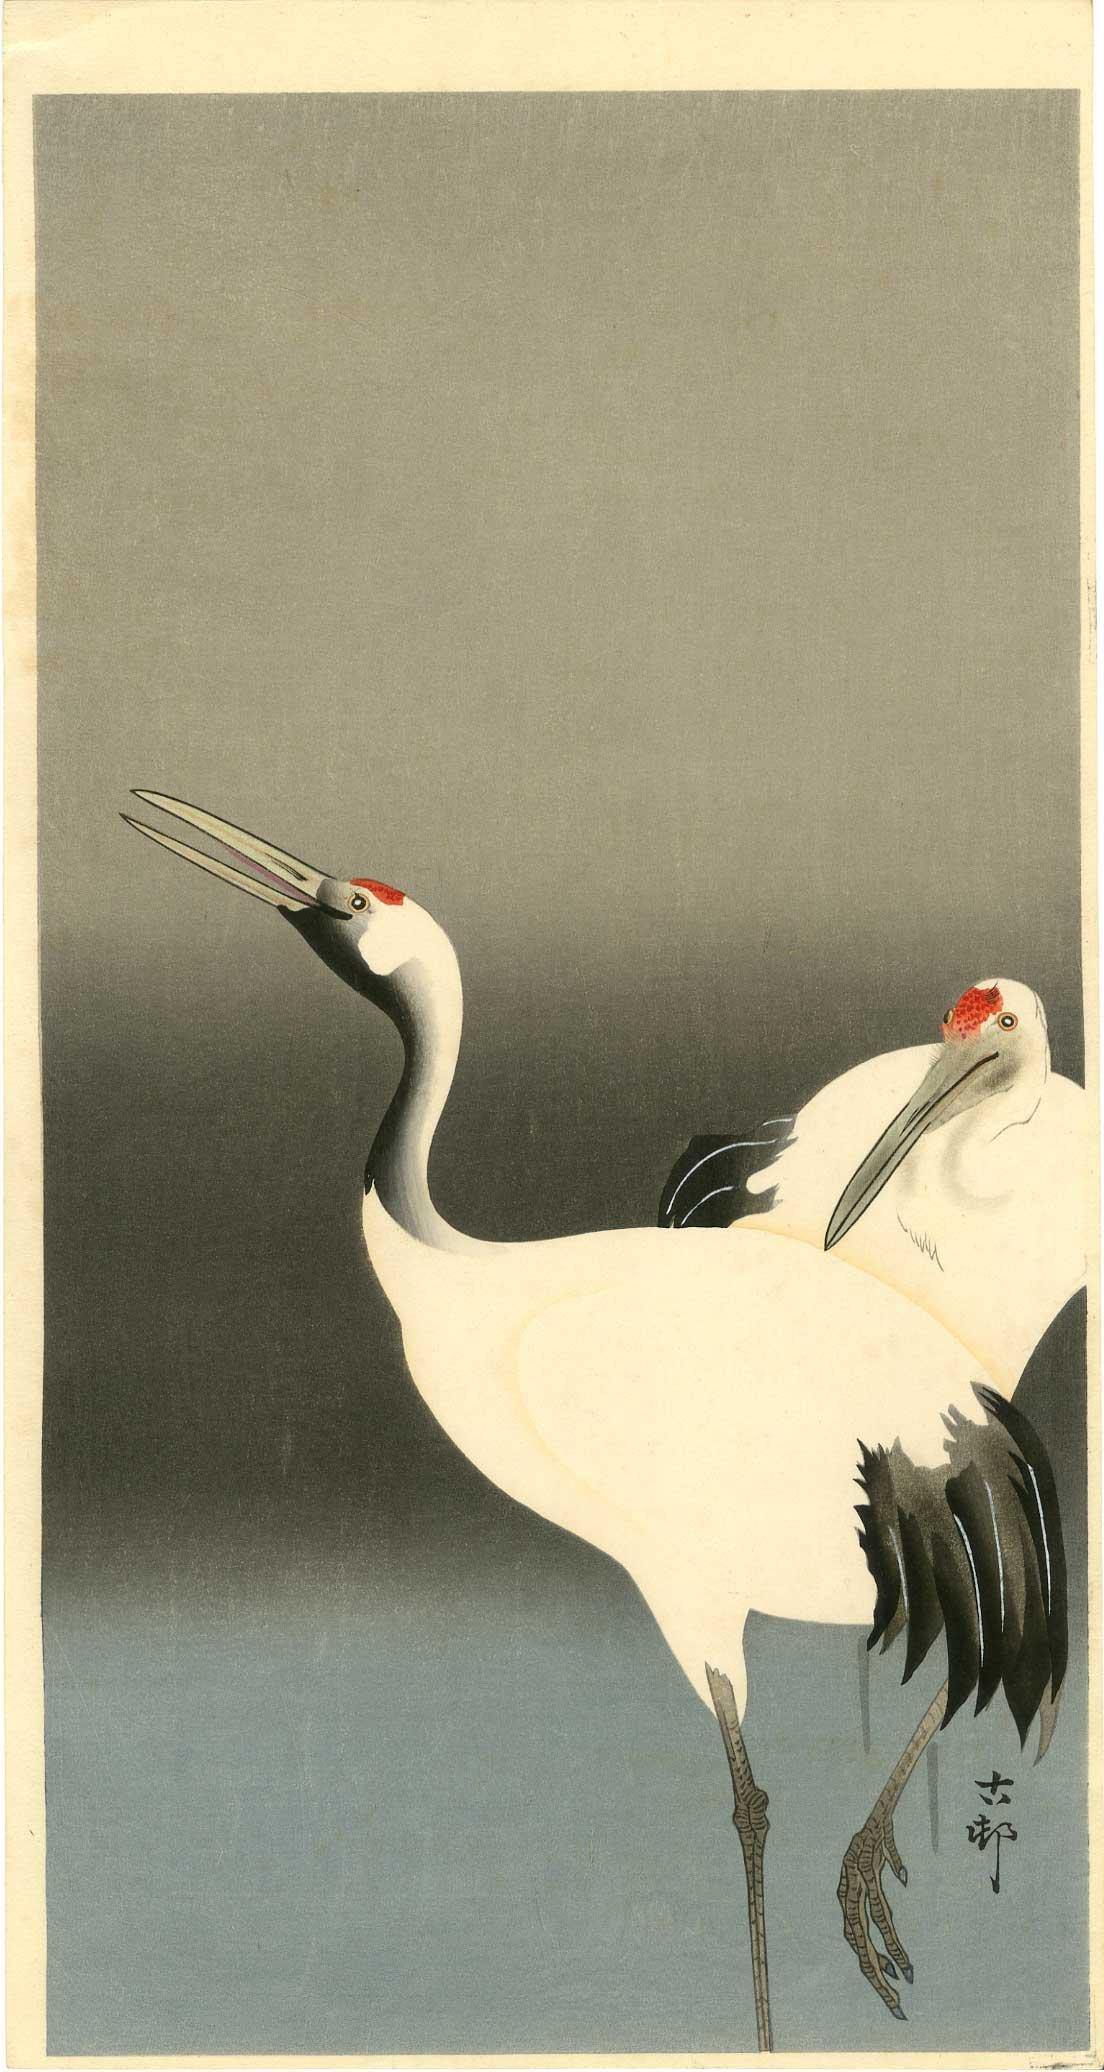 Koson Ohara - Emperor Cranes 1920s Woodblock Muller